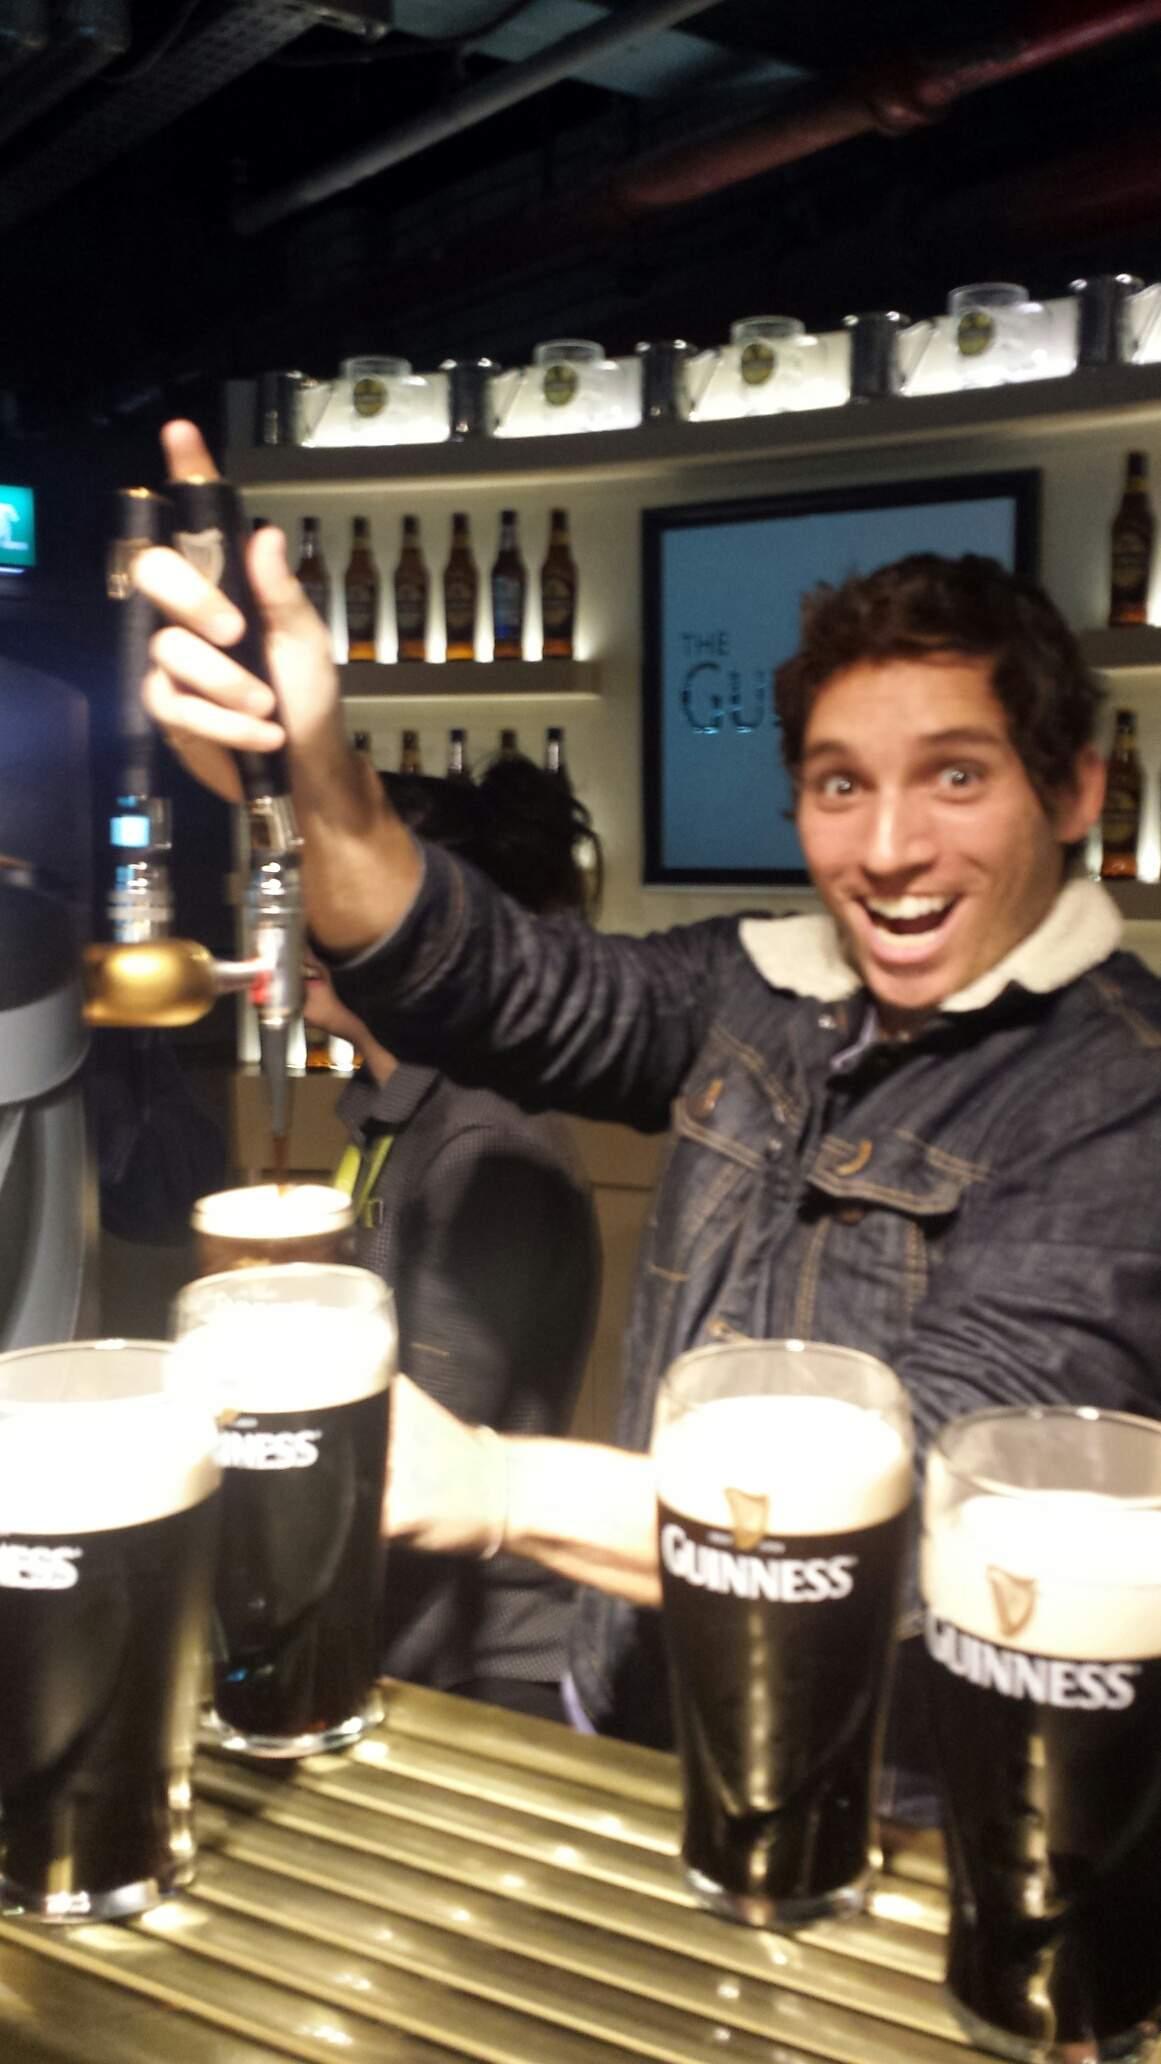 Foi tão legal que agora quero ser barman da Guiness